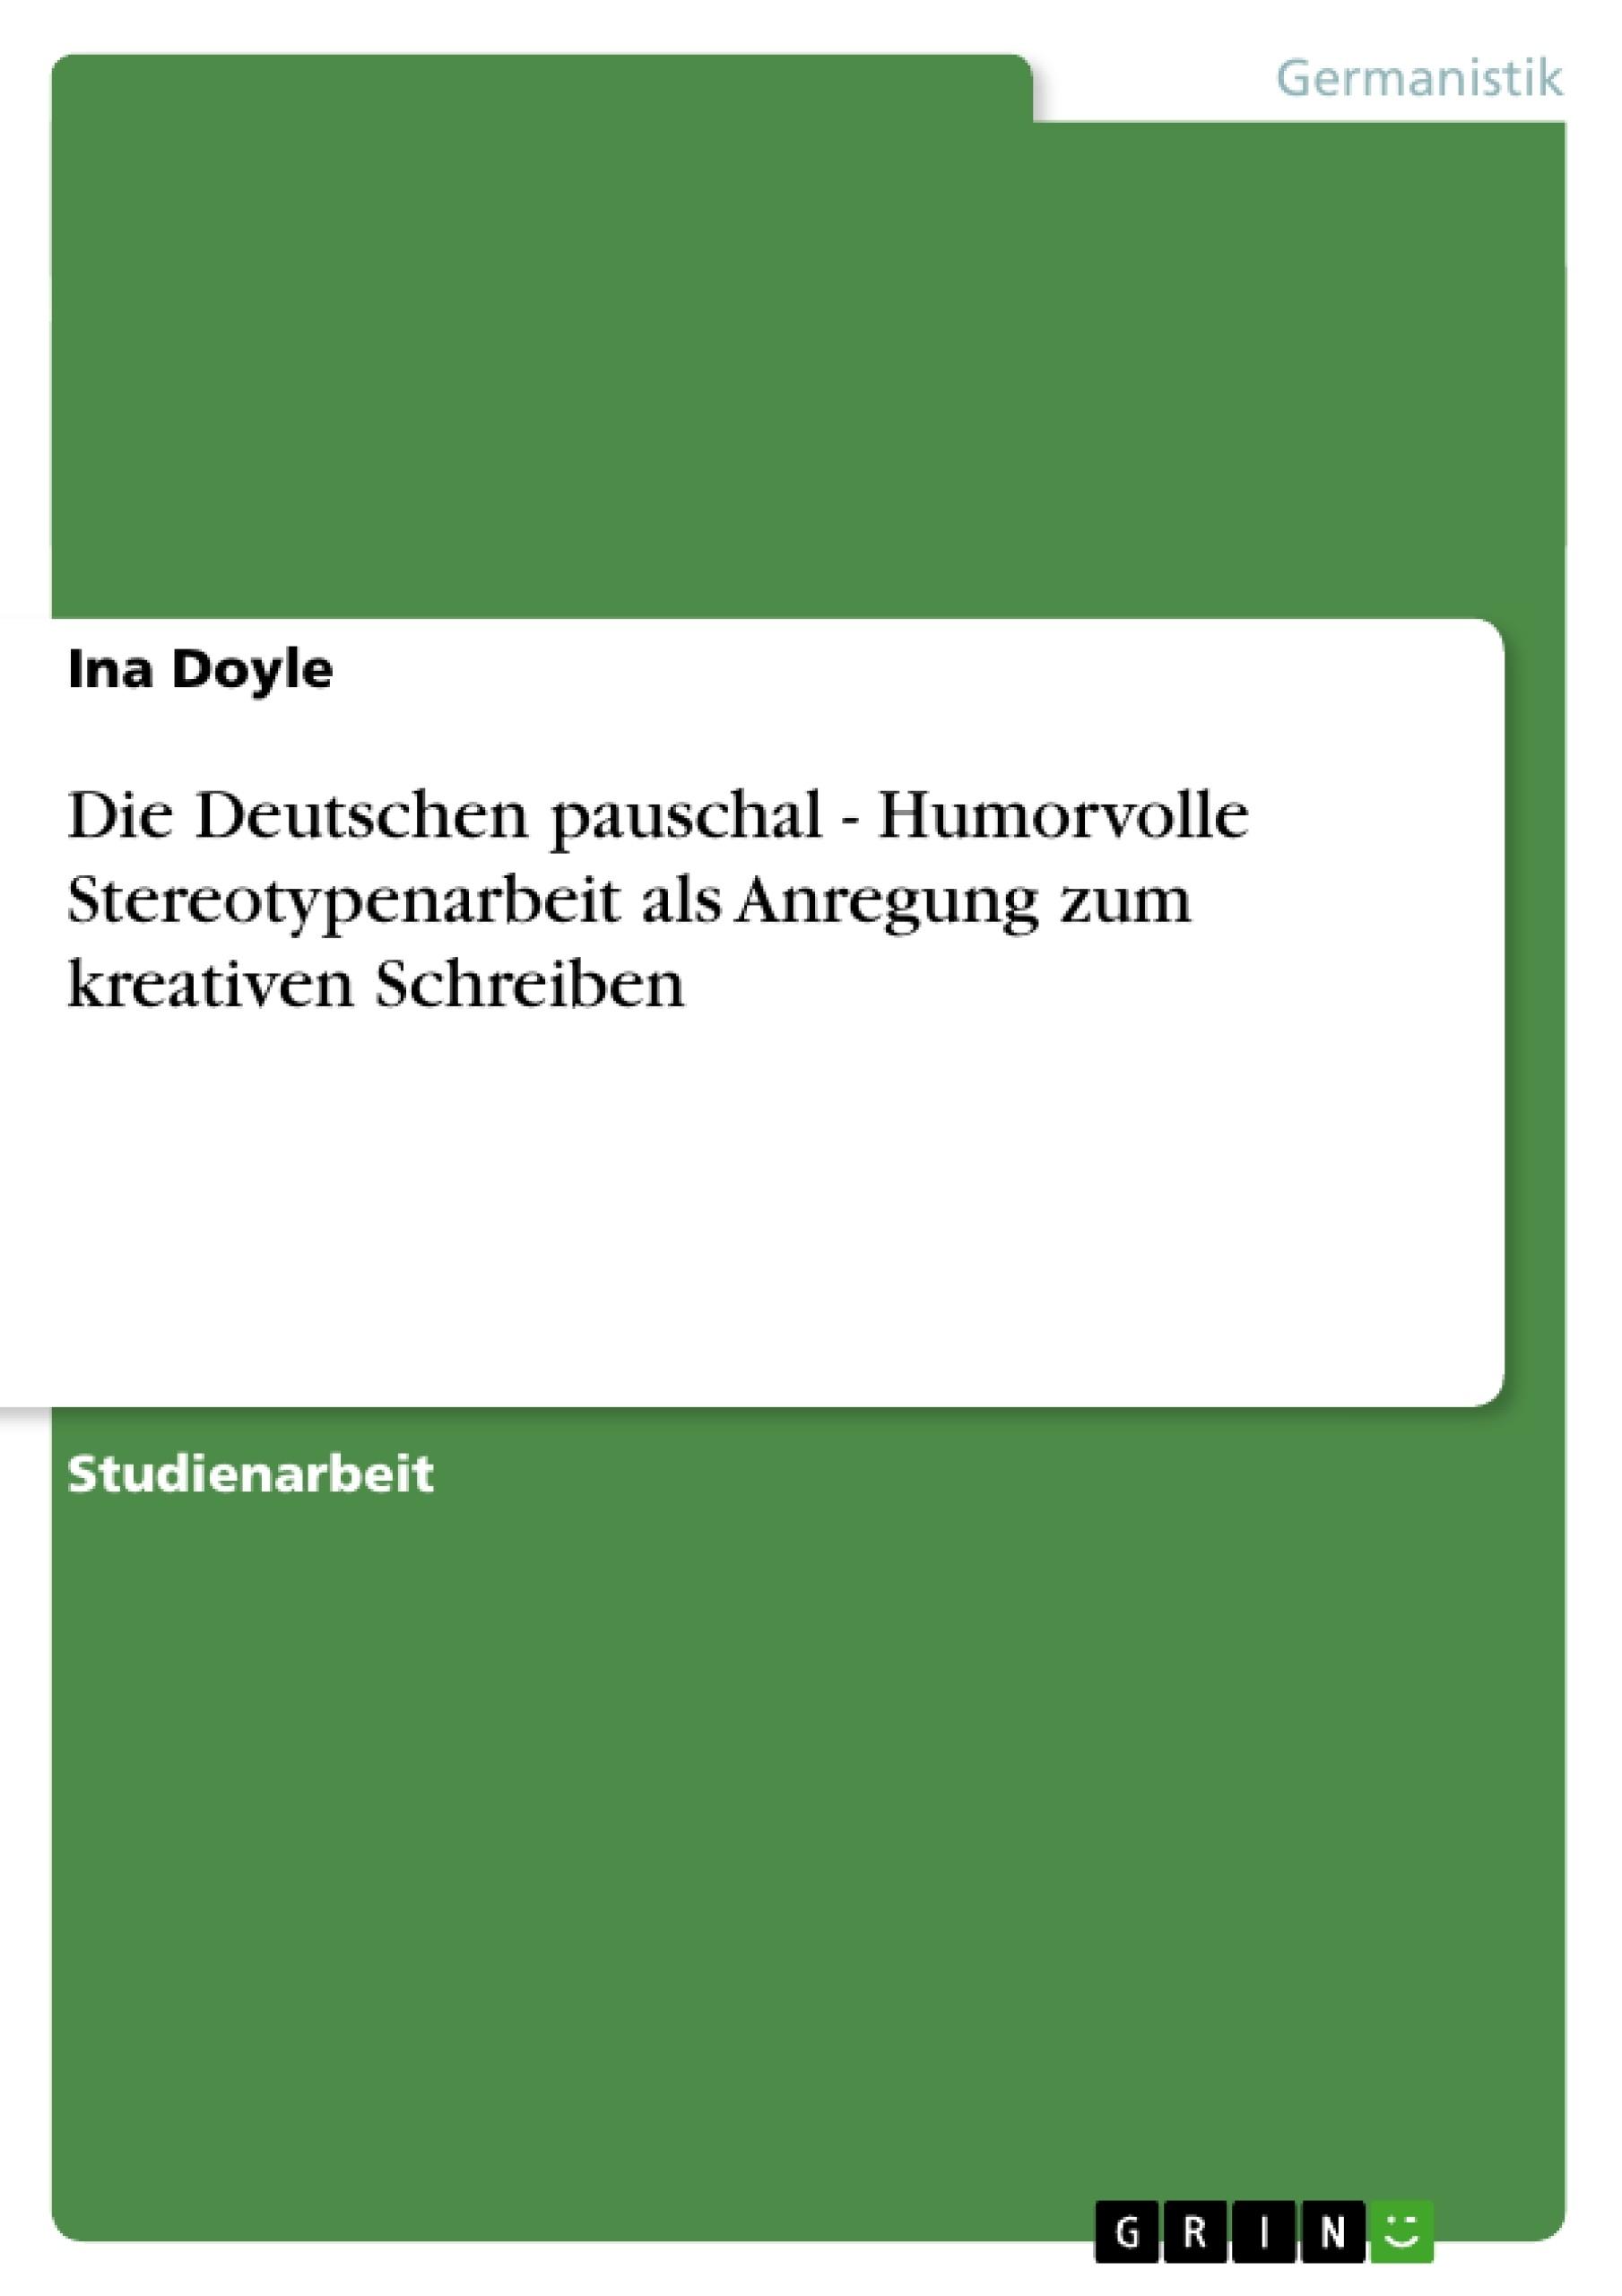 Titel: Die Deutschen pauschal - Humorvolle Stereotypenarbeit als Anregung zum kreativen Schreiben